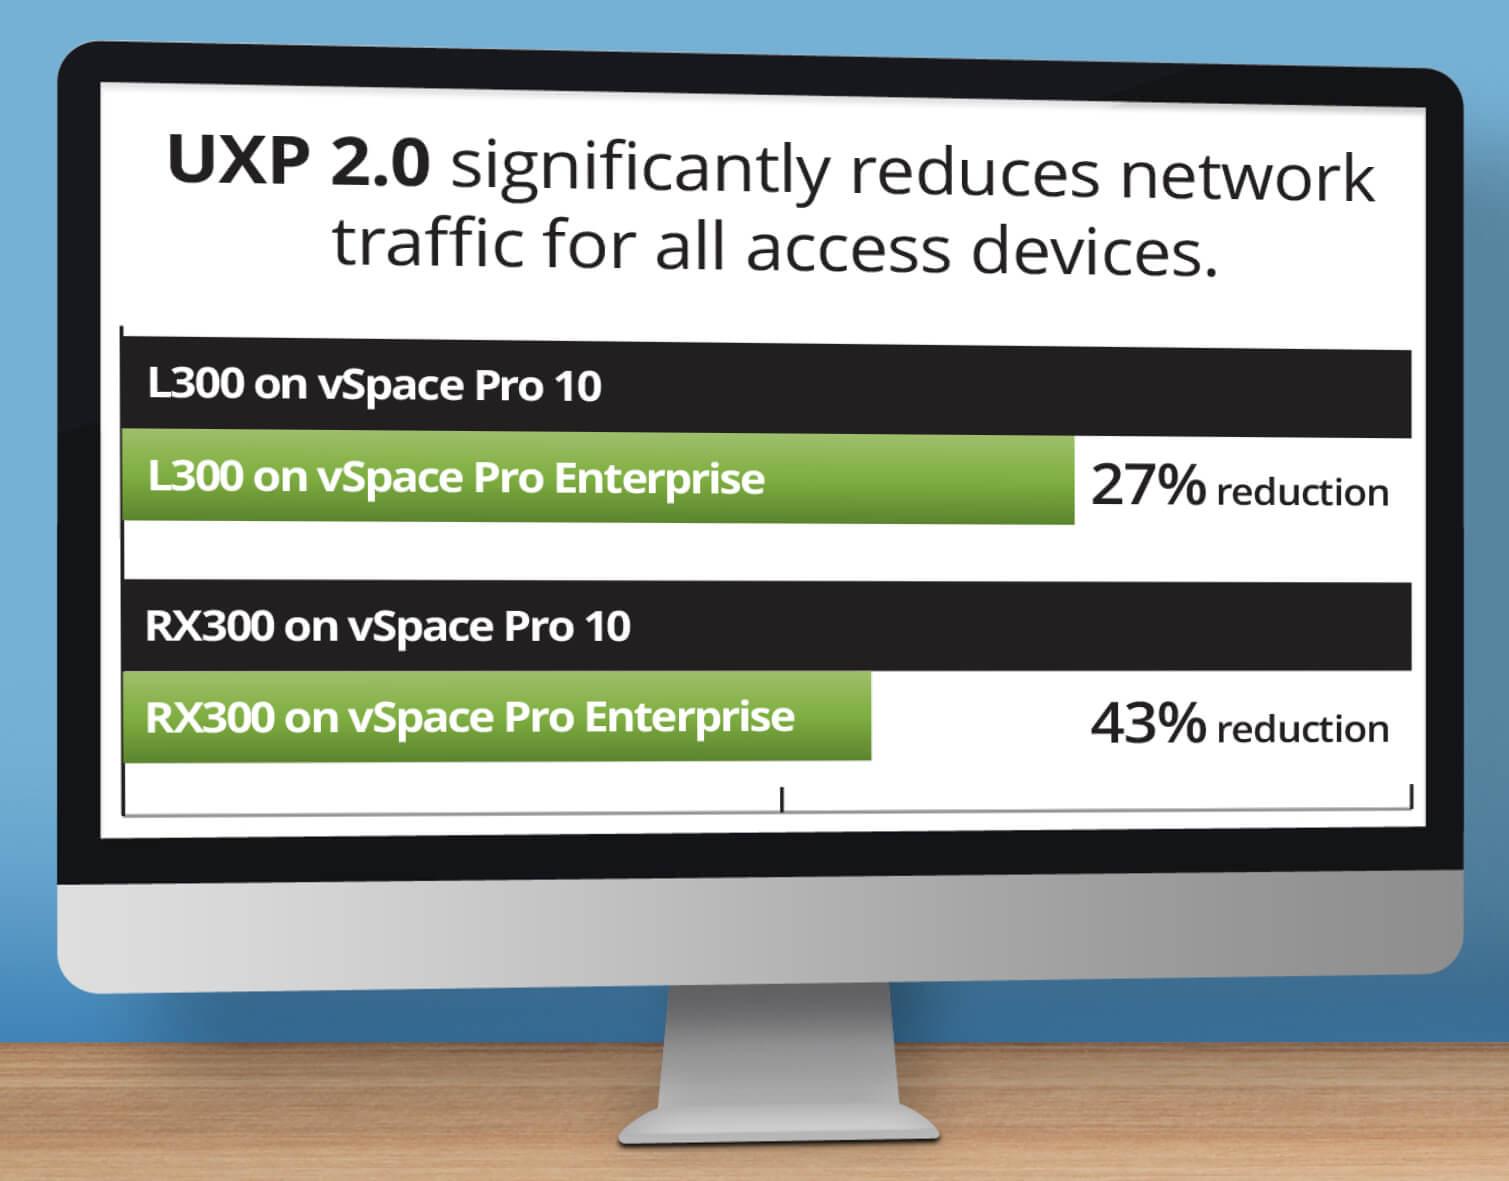 UXP 2.0